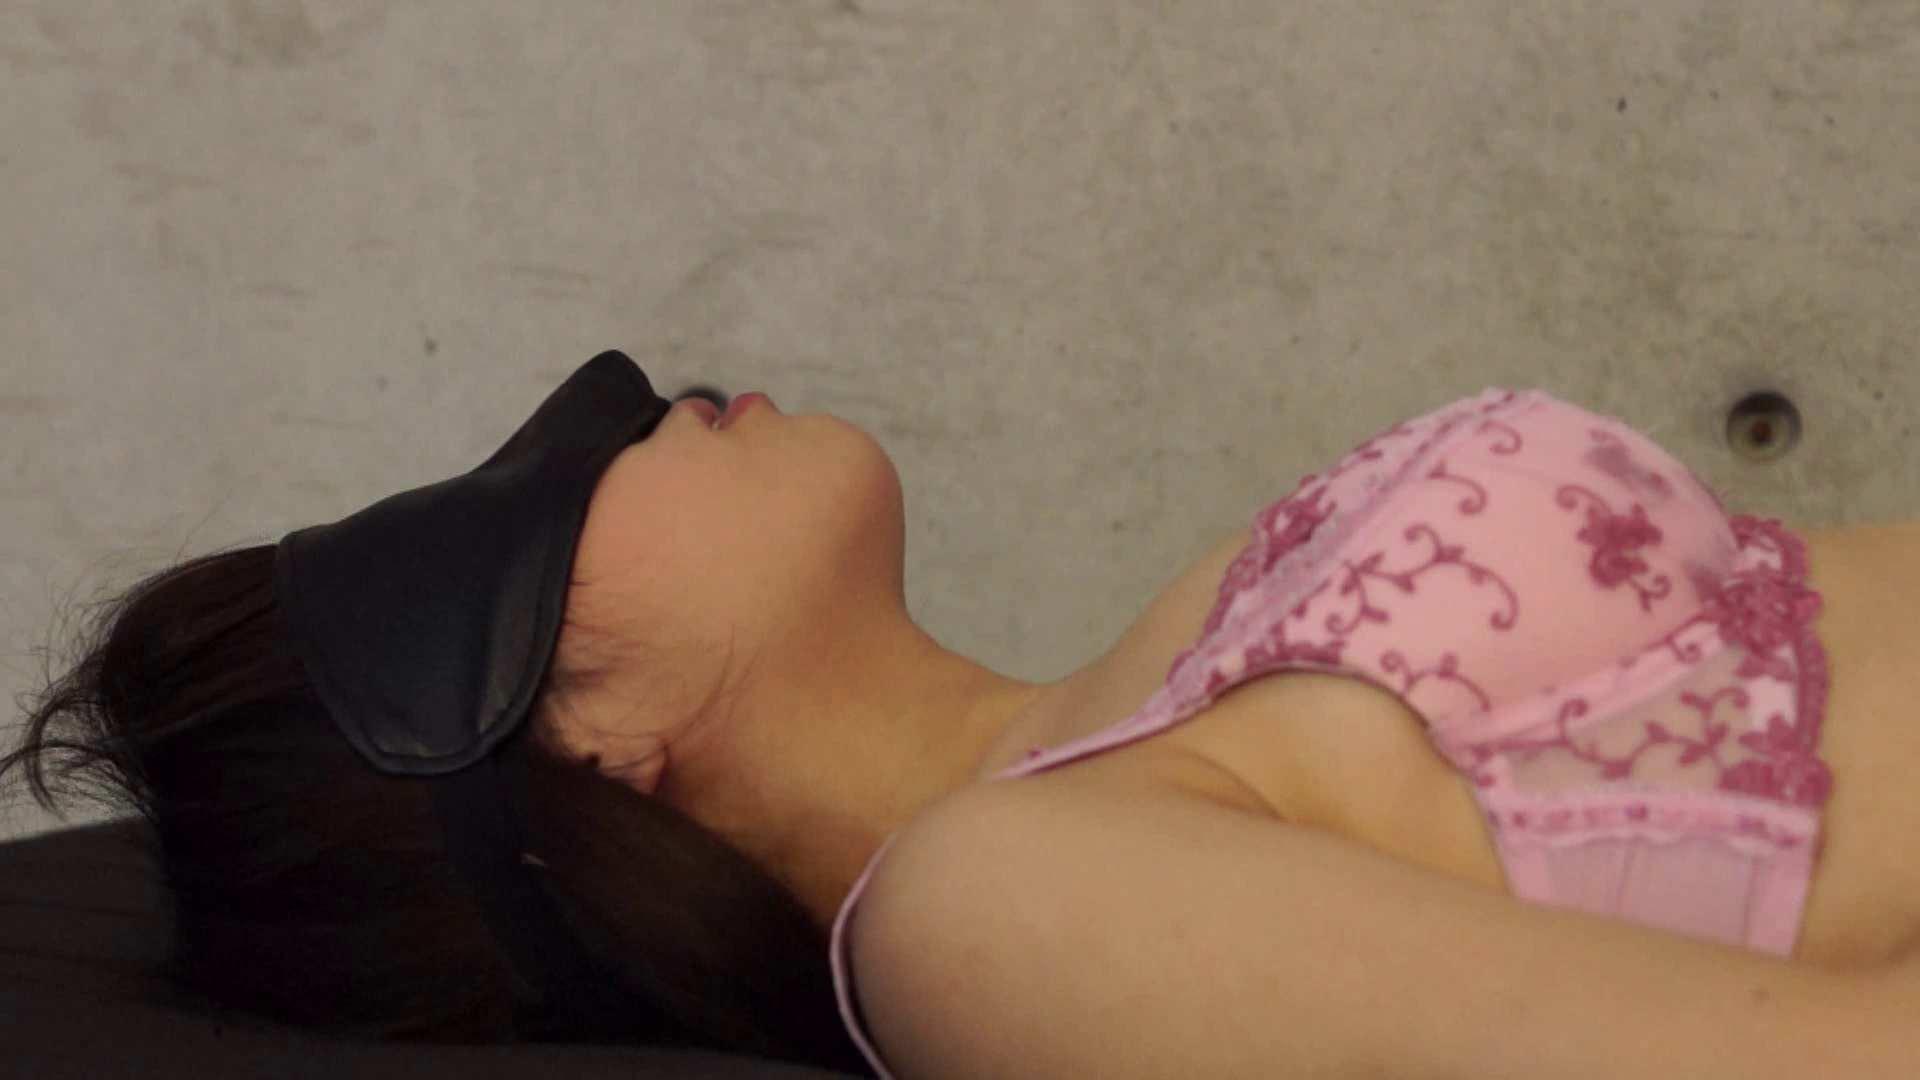 vol.7 夏実ちゃんの汗まみれの腋をベロベロ舐めるTKSさん OL  104pic 4